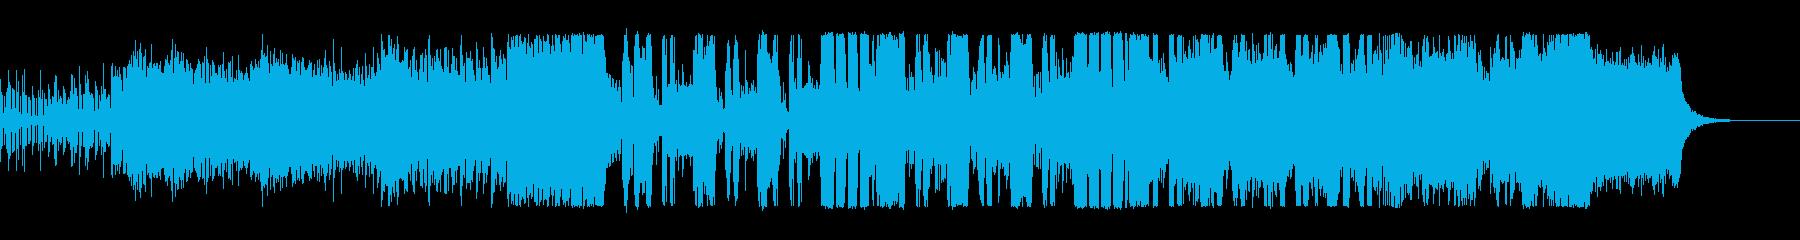 爽やかキラキラなテクノポップの再生済みの波形